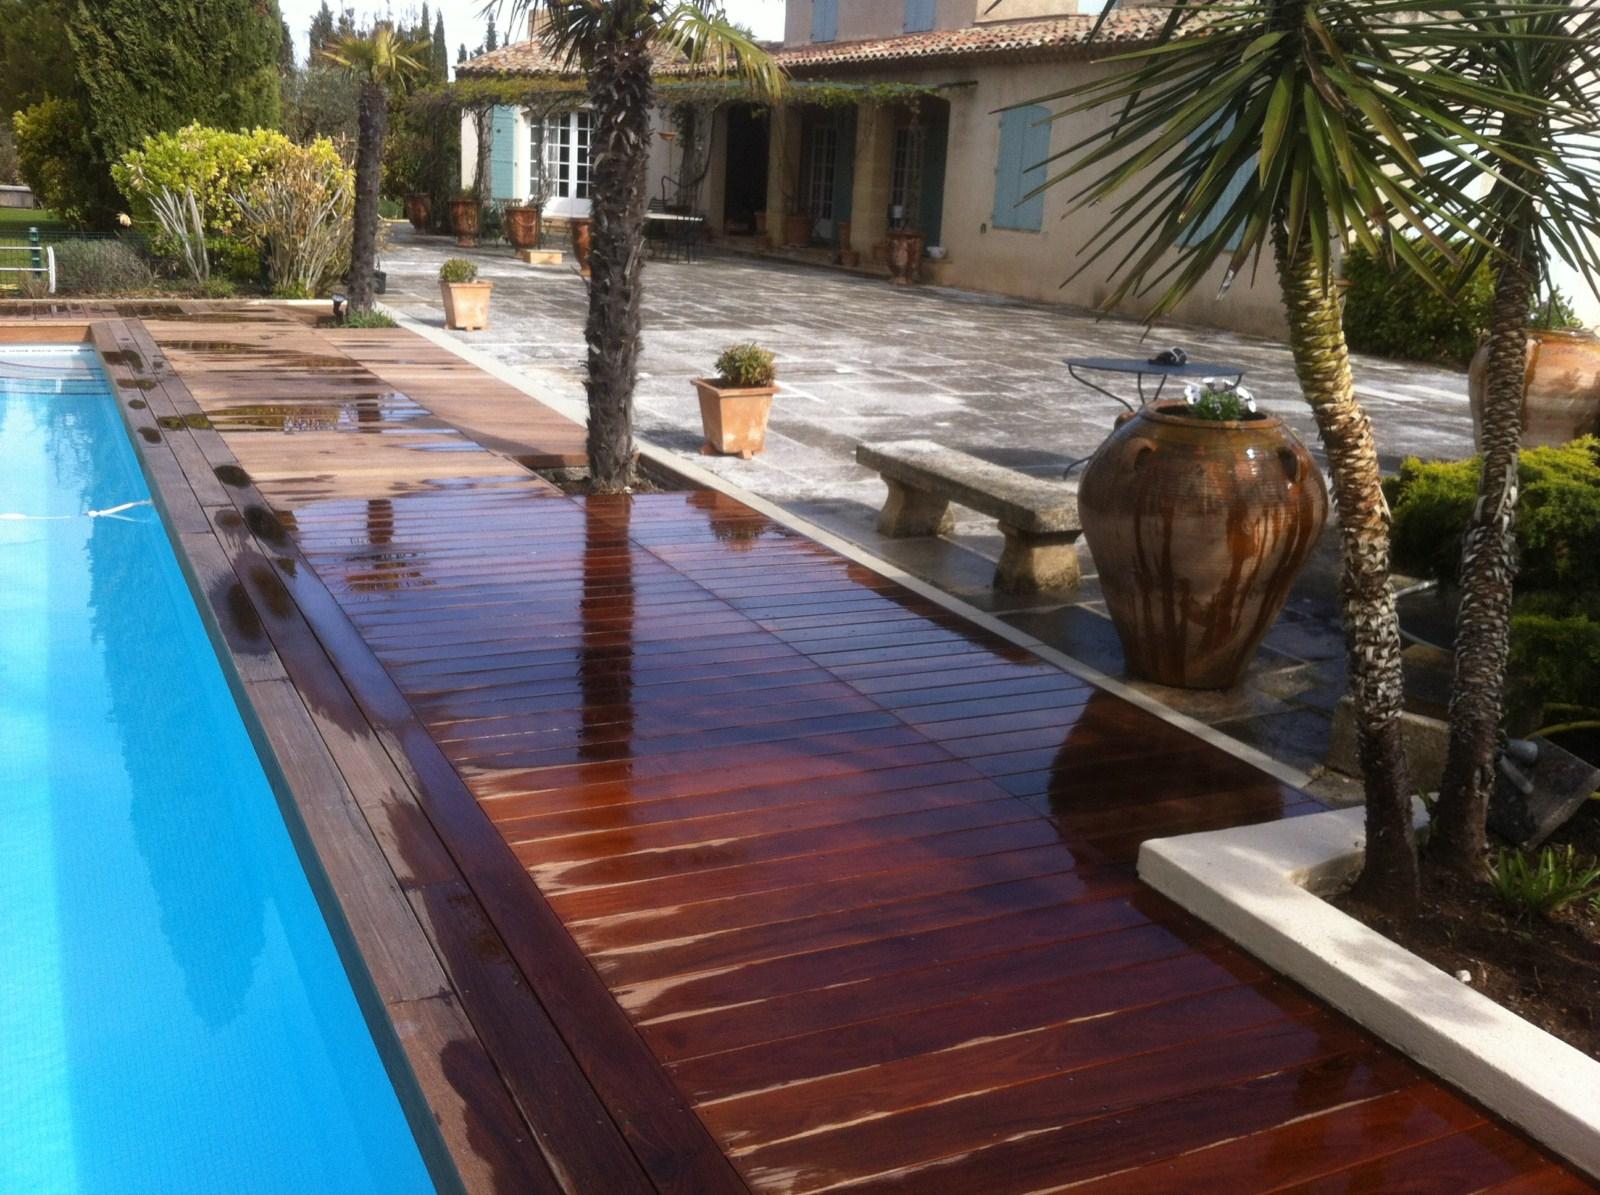 Tour de piscine en bois exotique dans les bouche du rhone